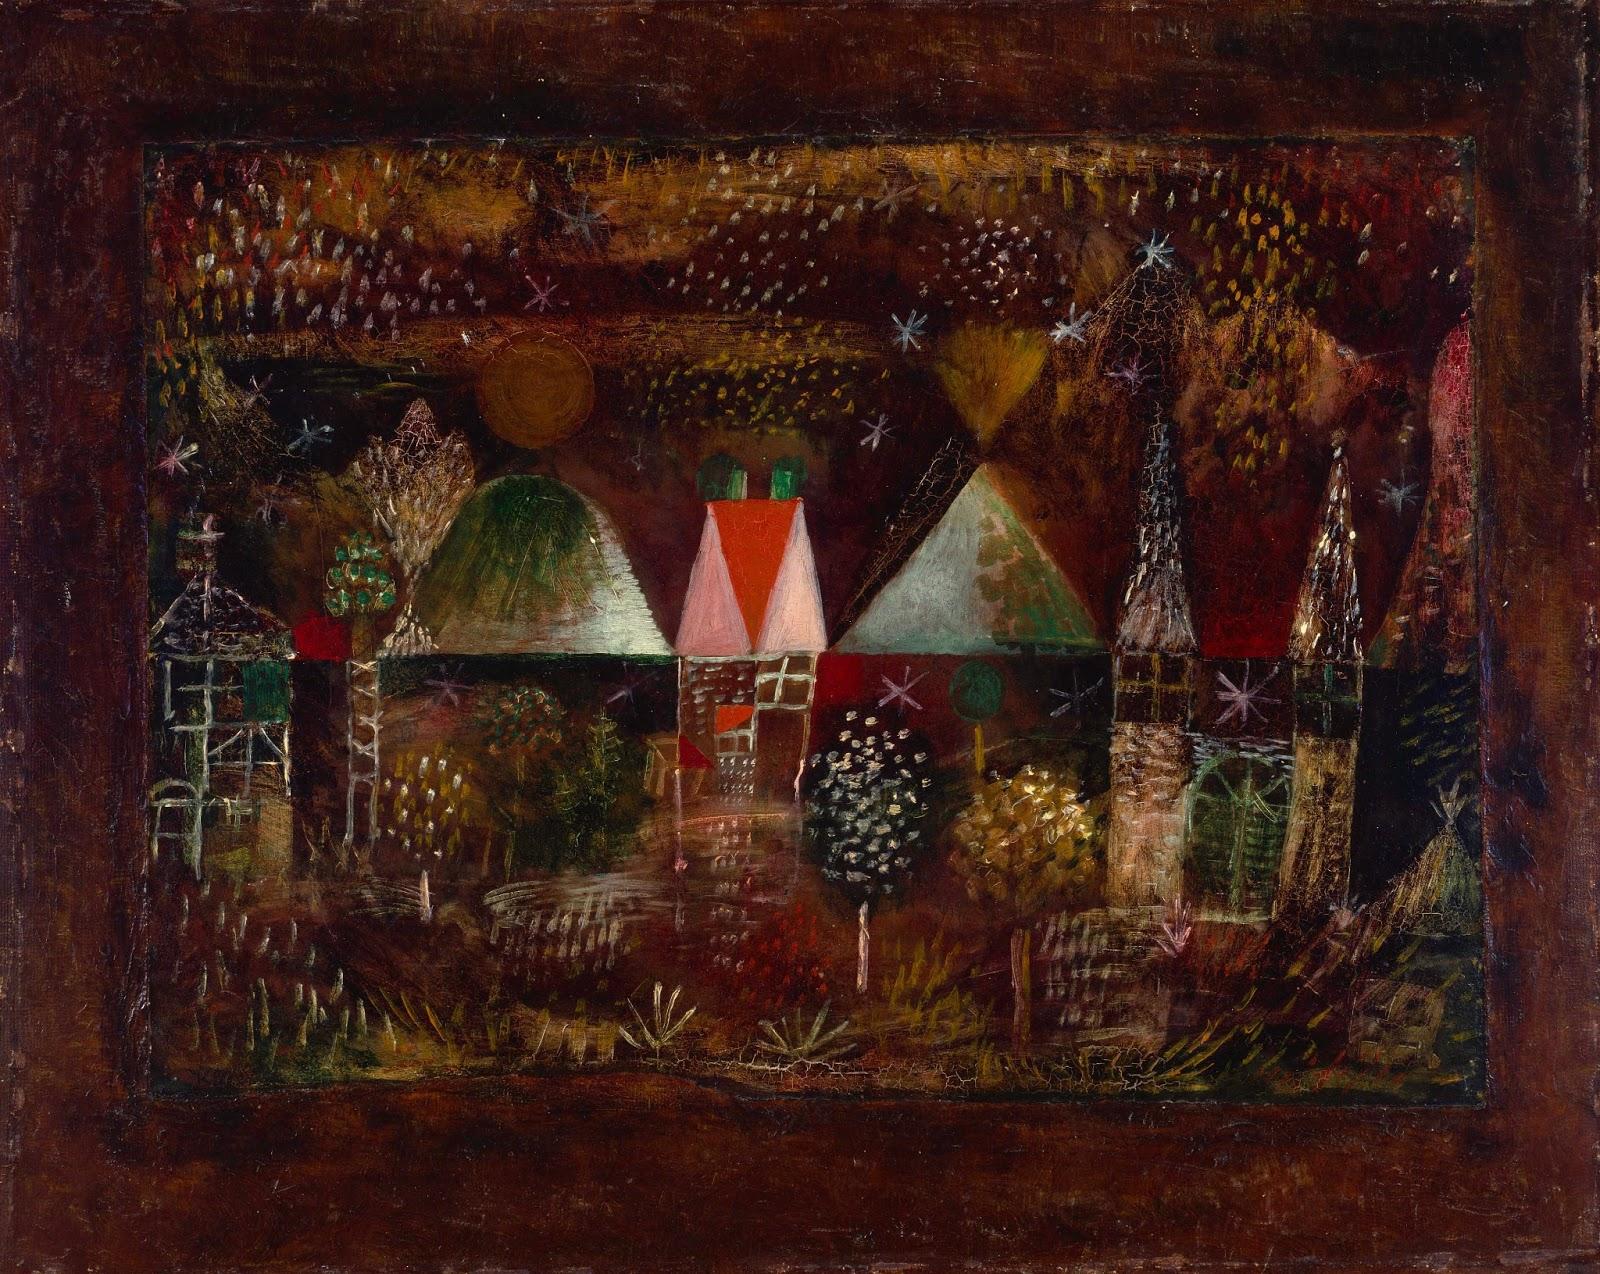 Night party , Paul Klee, 1921. Guggenheim Museum, New York.